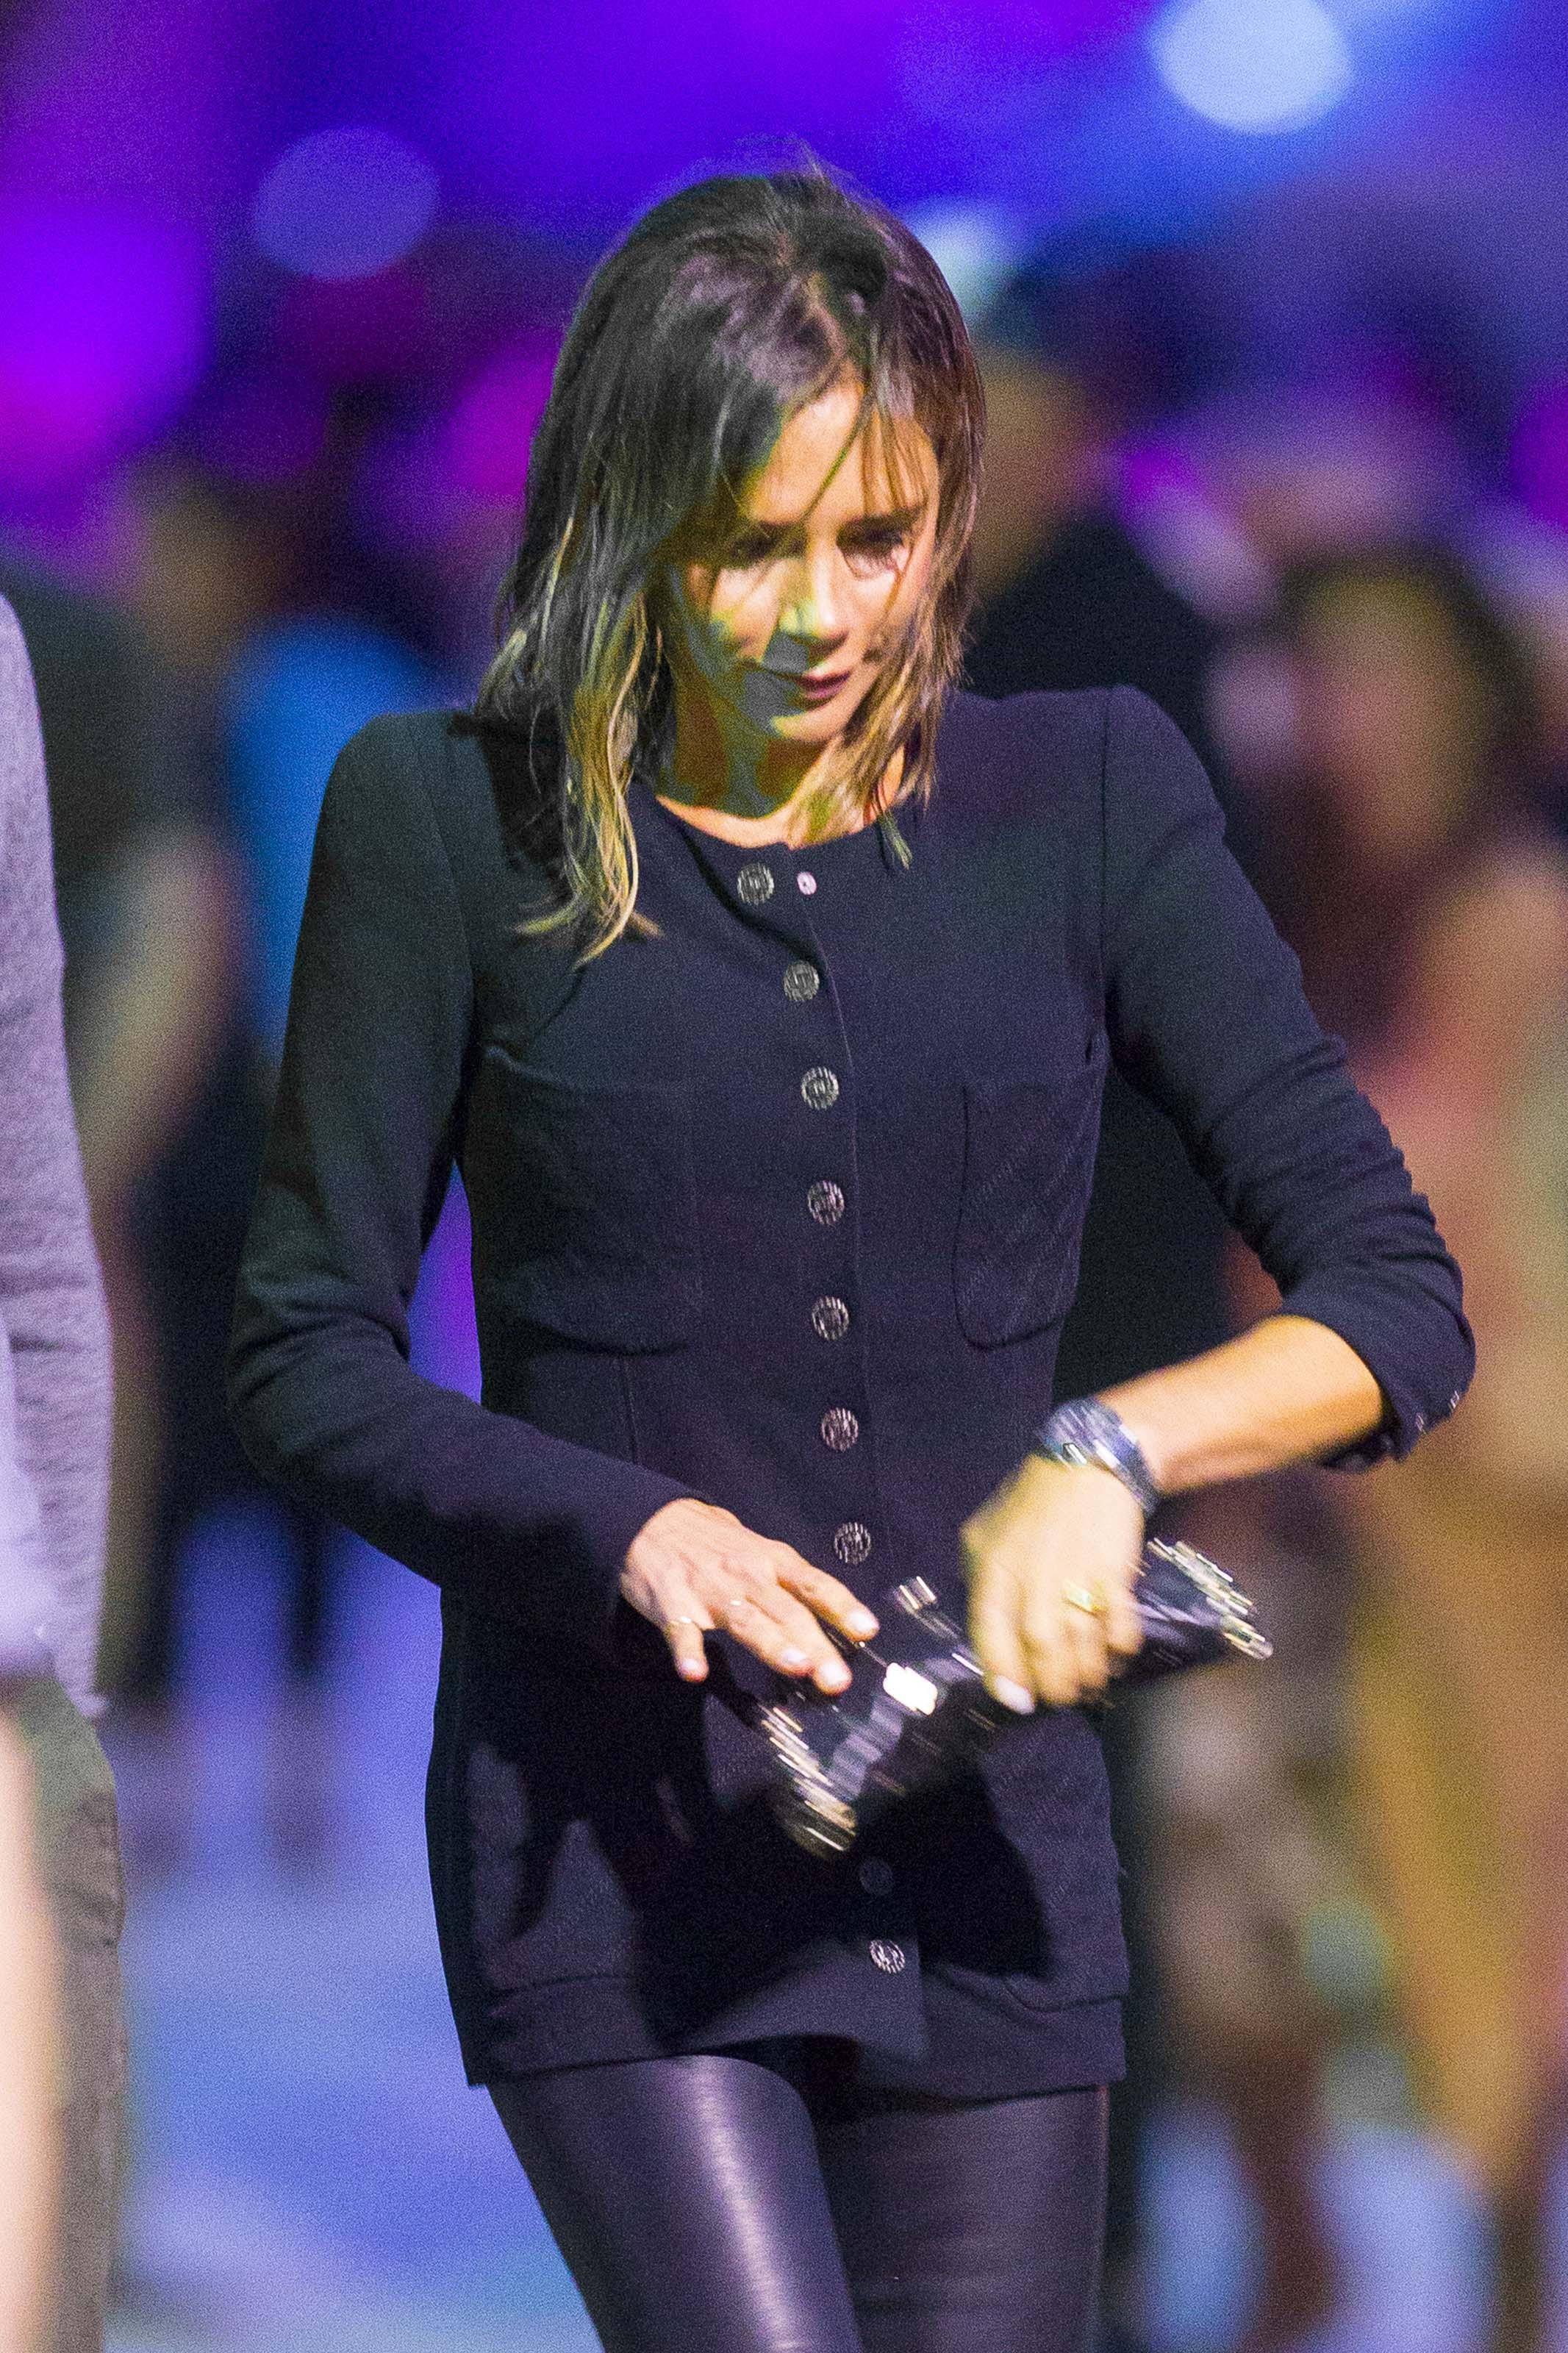 Victoria Beckham attends British Summer Time